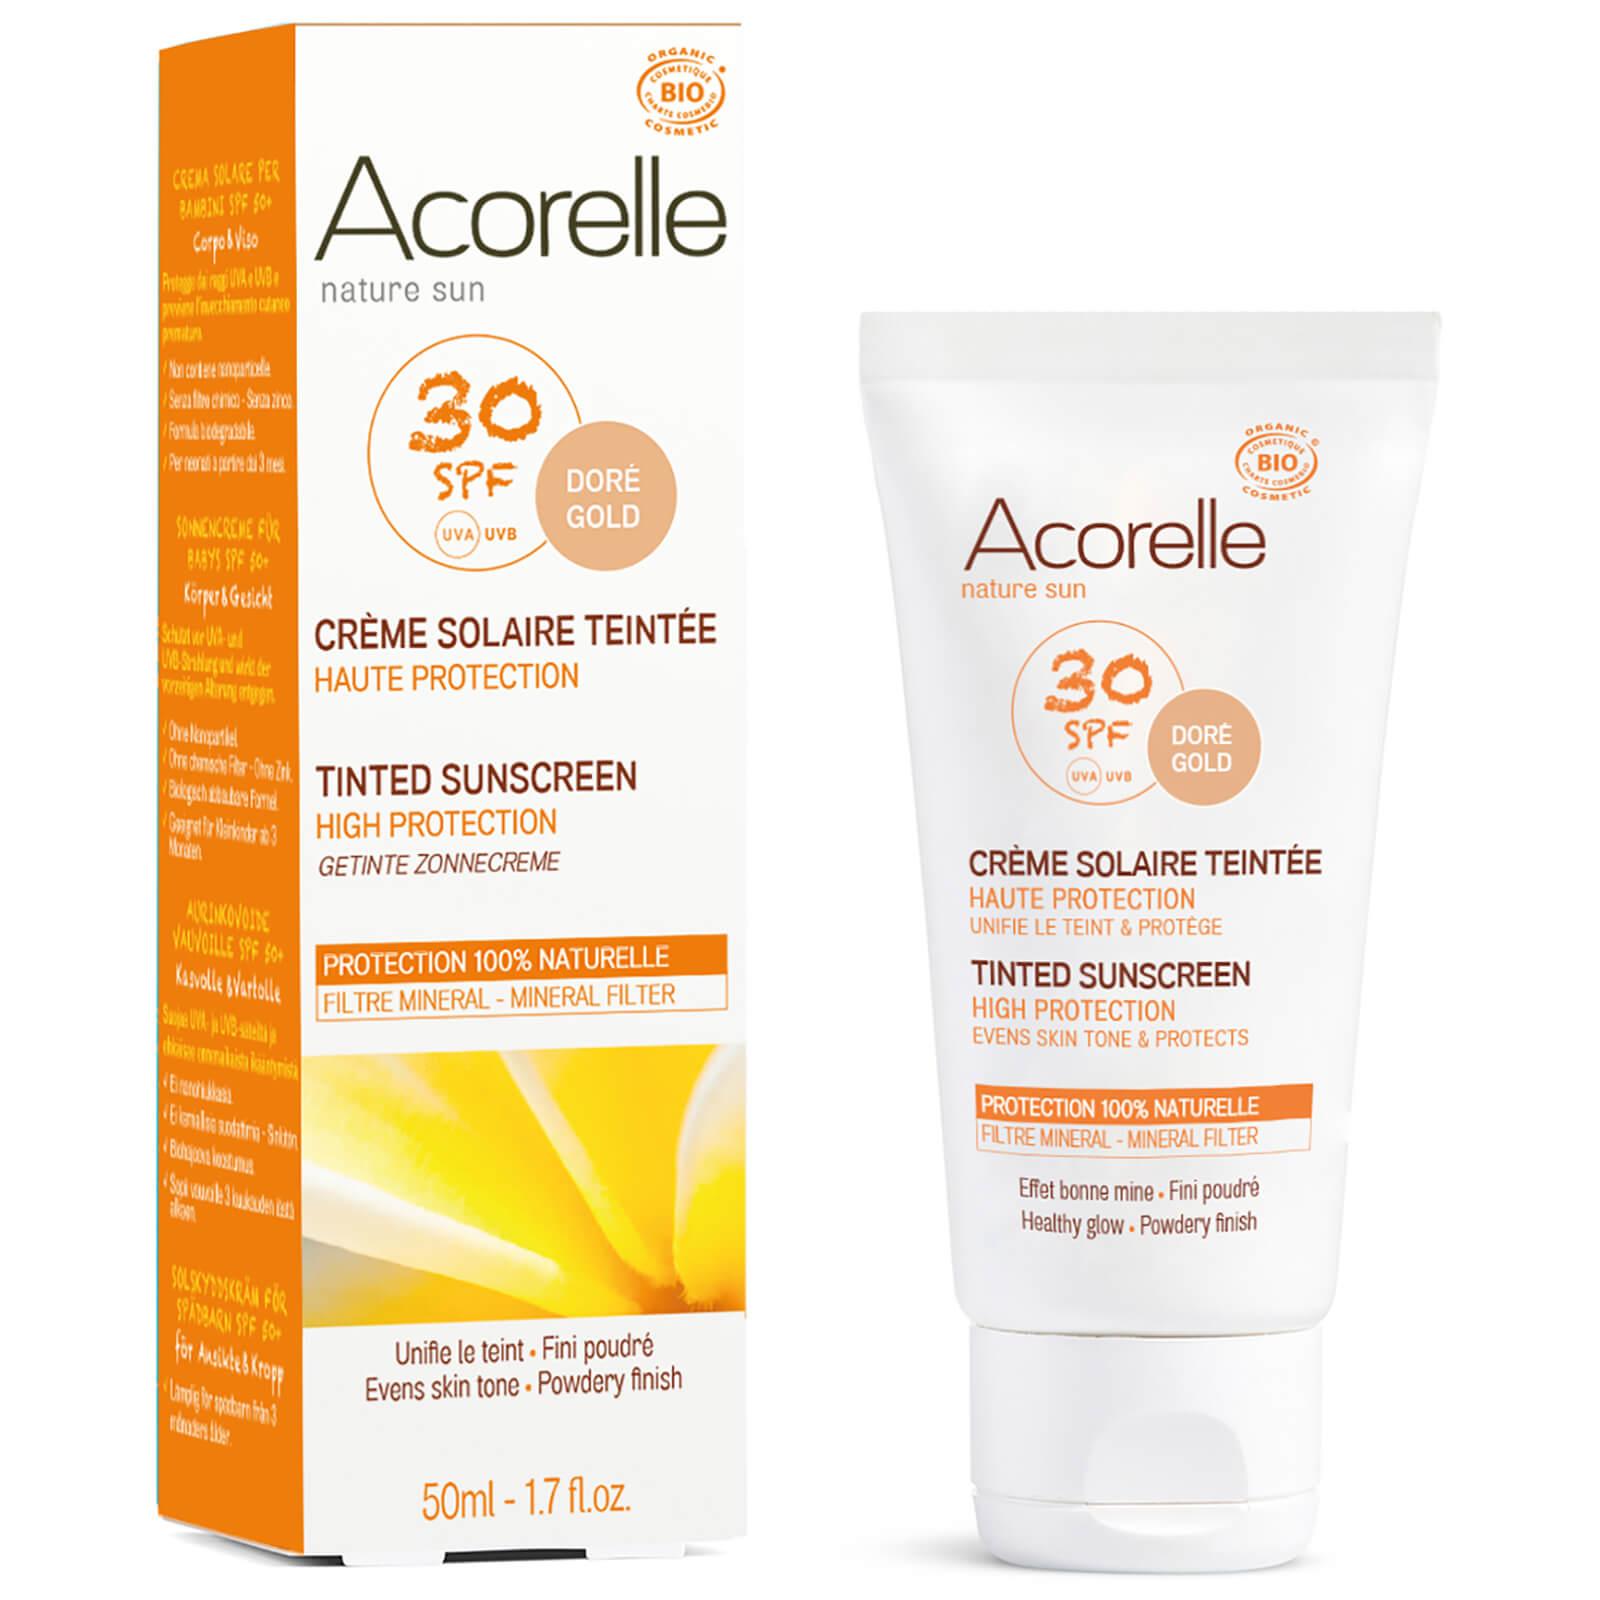 Acorelle Crème solaire teintée bio SPF30 Acorelle – Doré 50ml